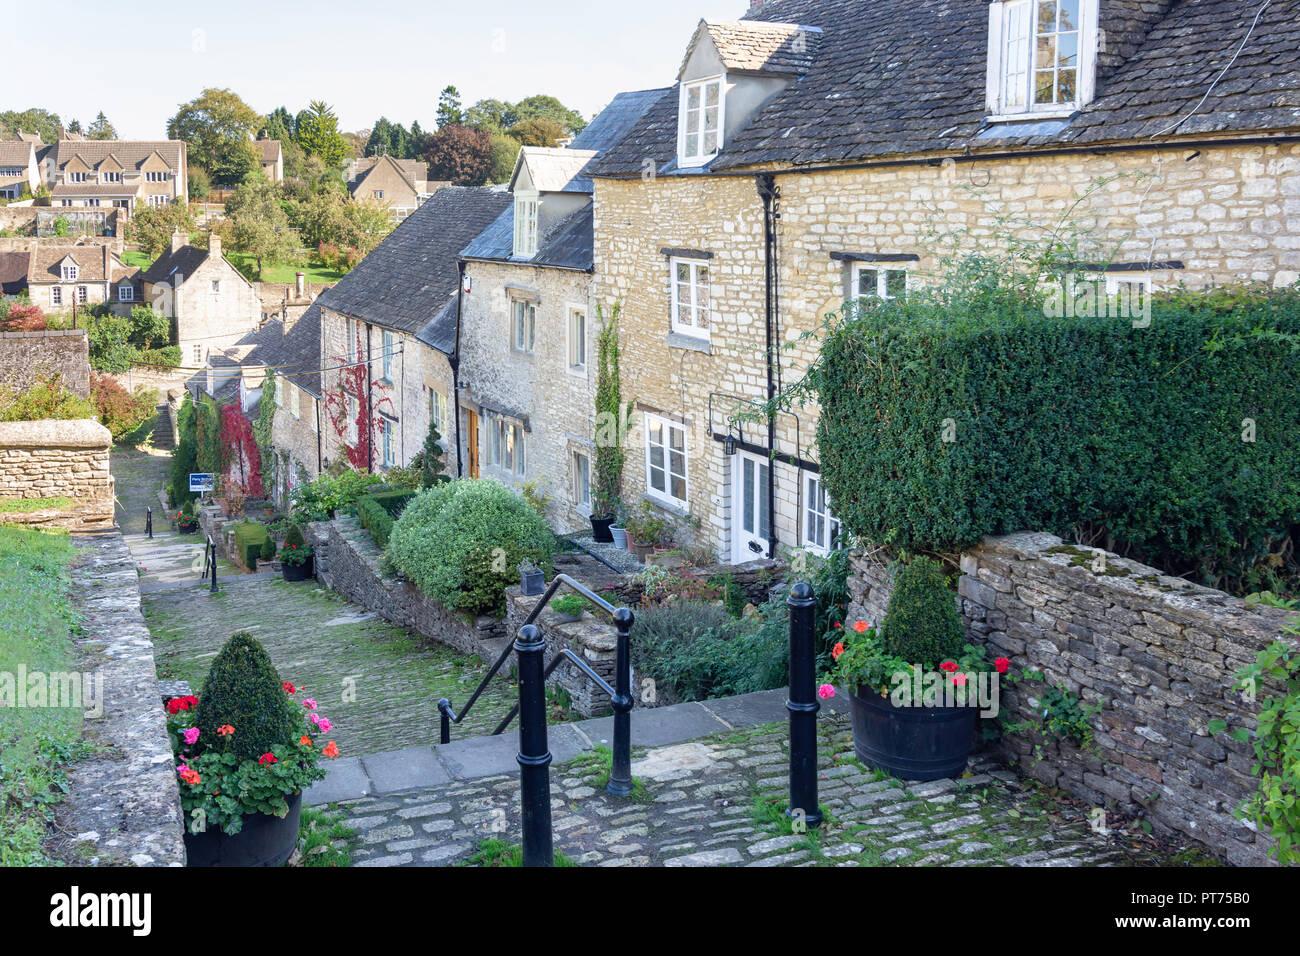 Chipping Steps, Tetbury, Gloucestershire, England, United Kingdom - Stock Image